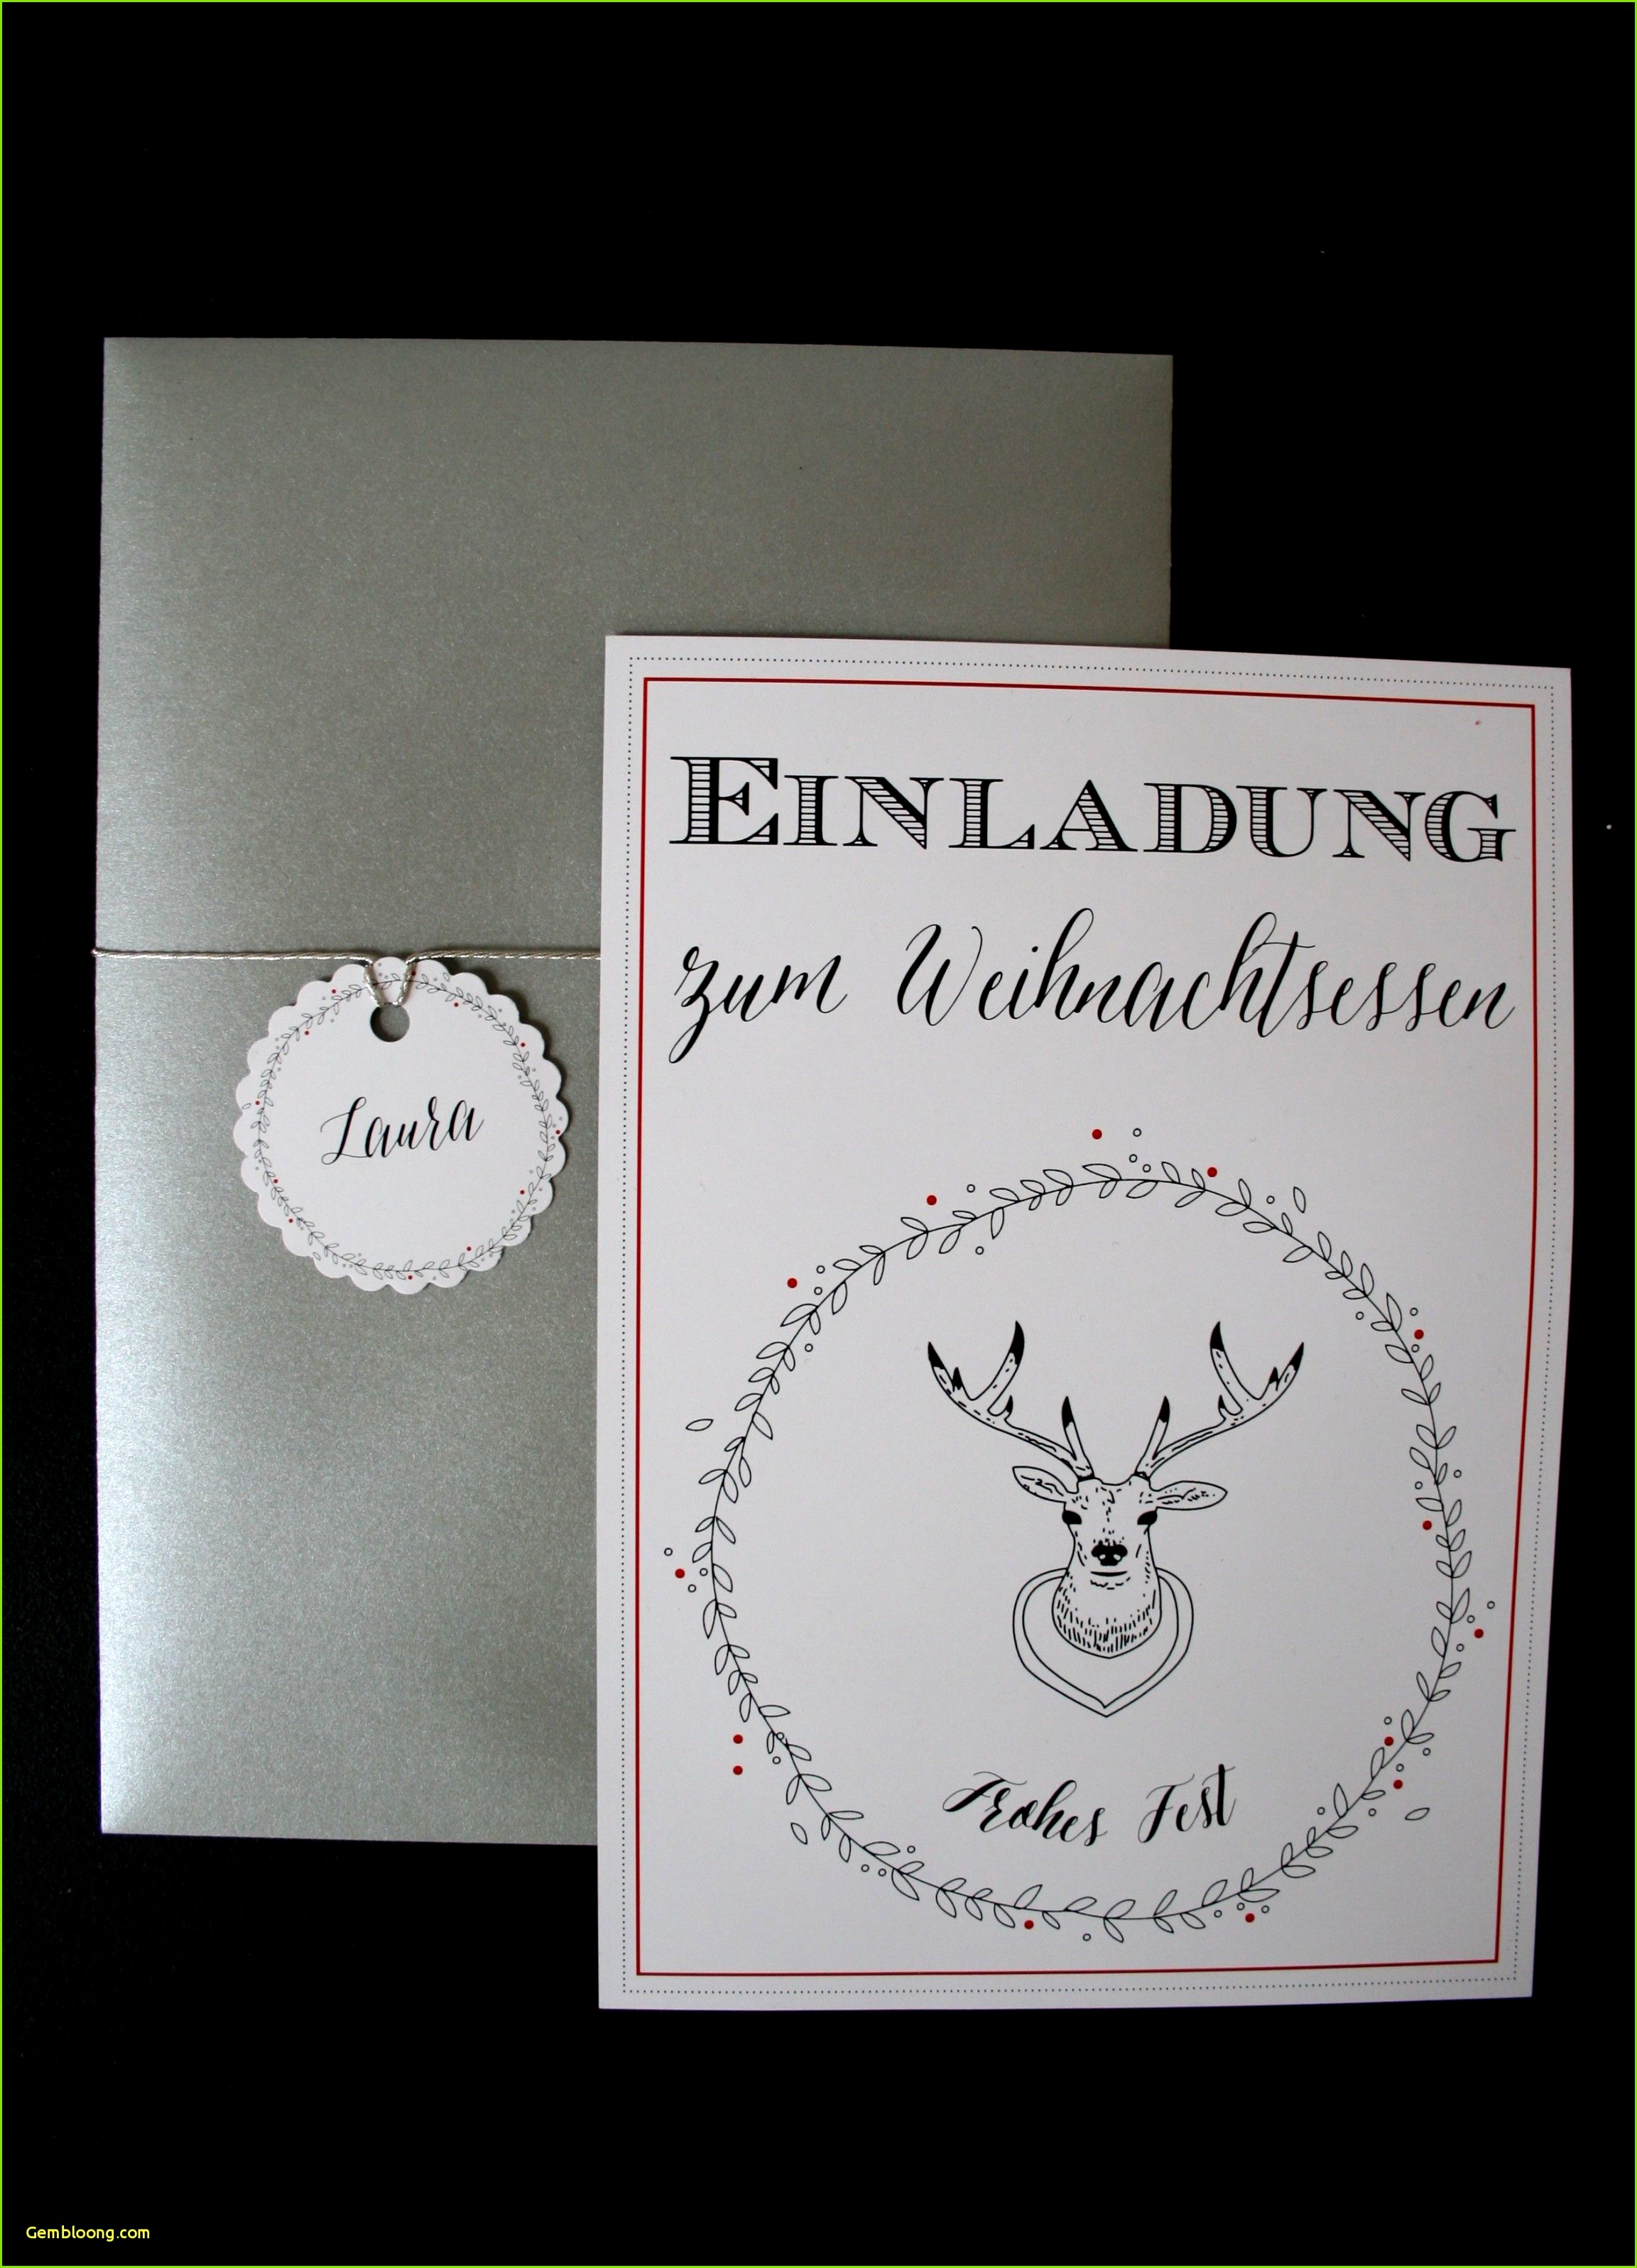 Einladungskarten Hochzeit Ausgefallen Einladung Hochzeit Blau Gegenwart Gastebucheintrage Hochzeit Vorlagen Gastebucheintrage